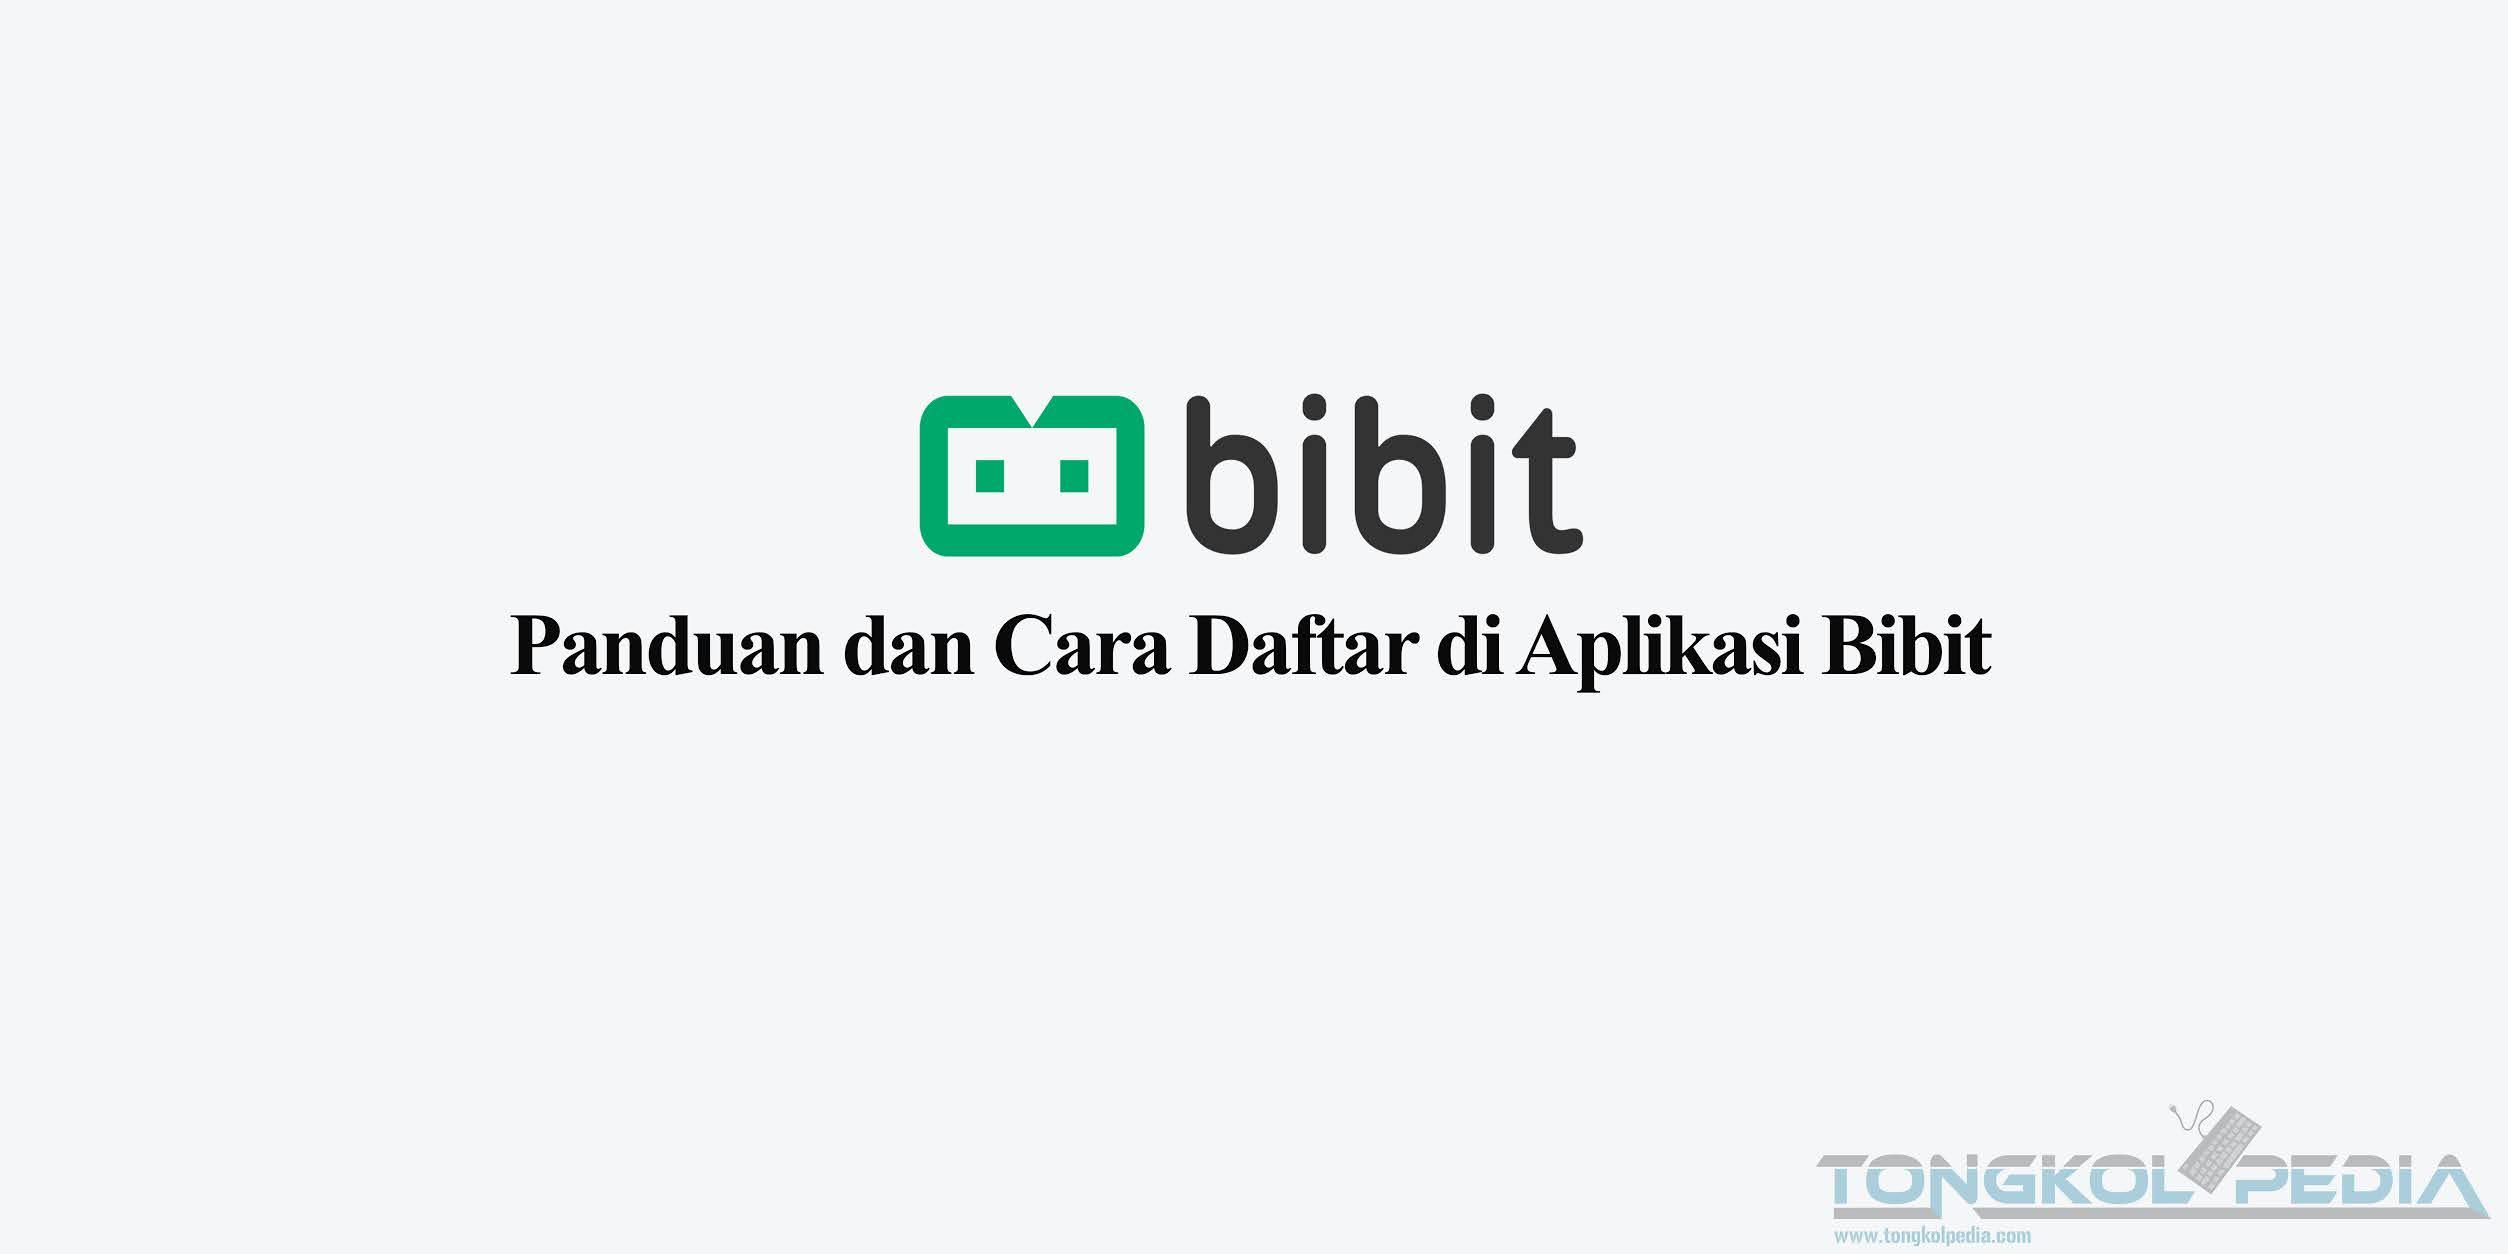 Panduan dan Cara Daftar di Aplikasi Bibit